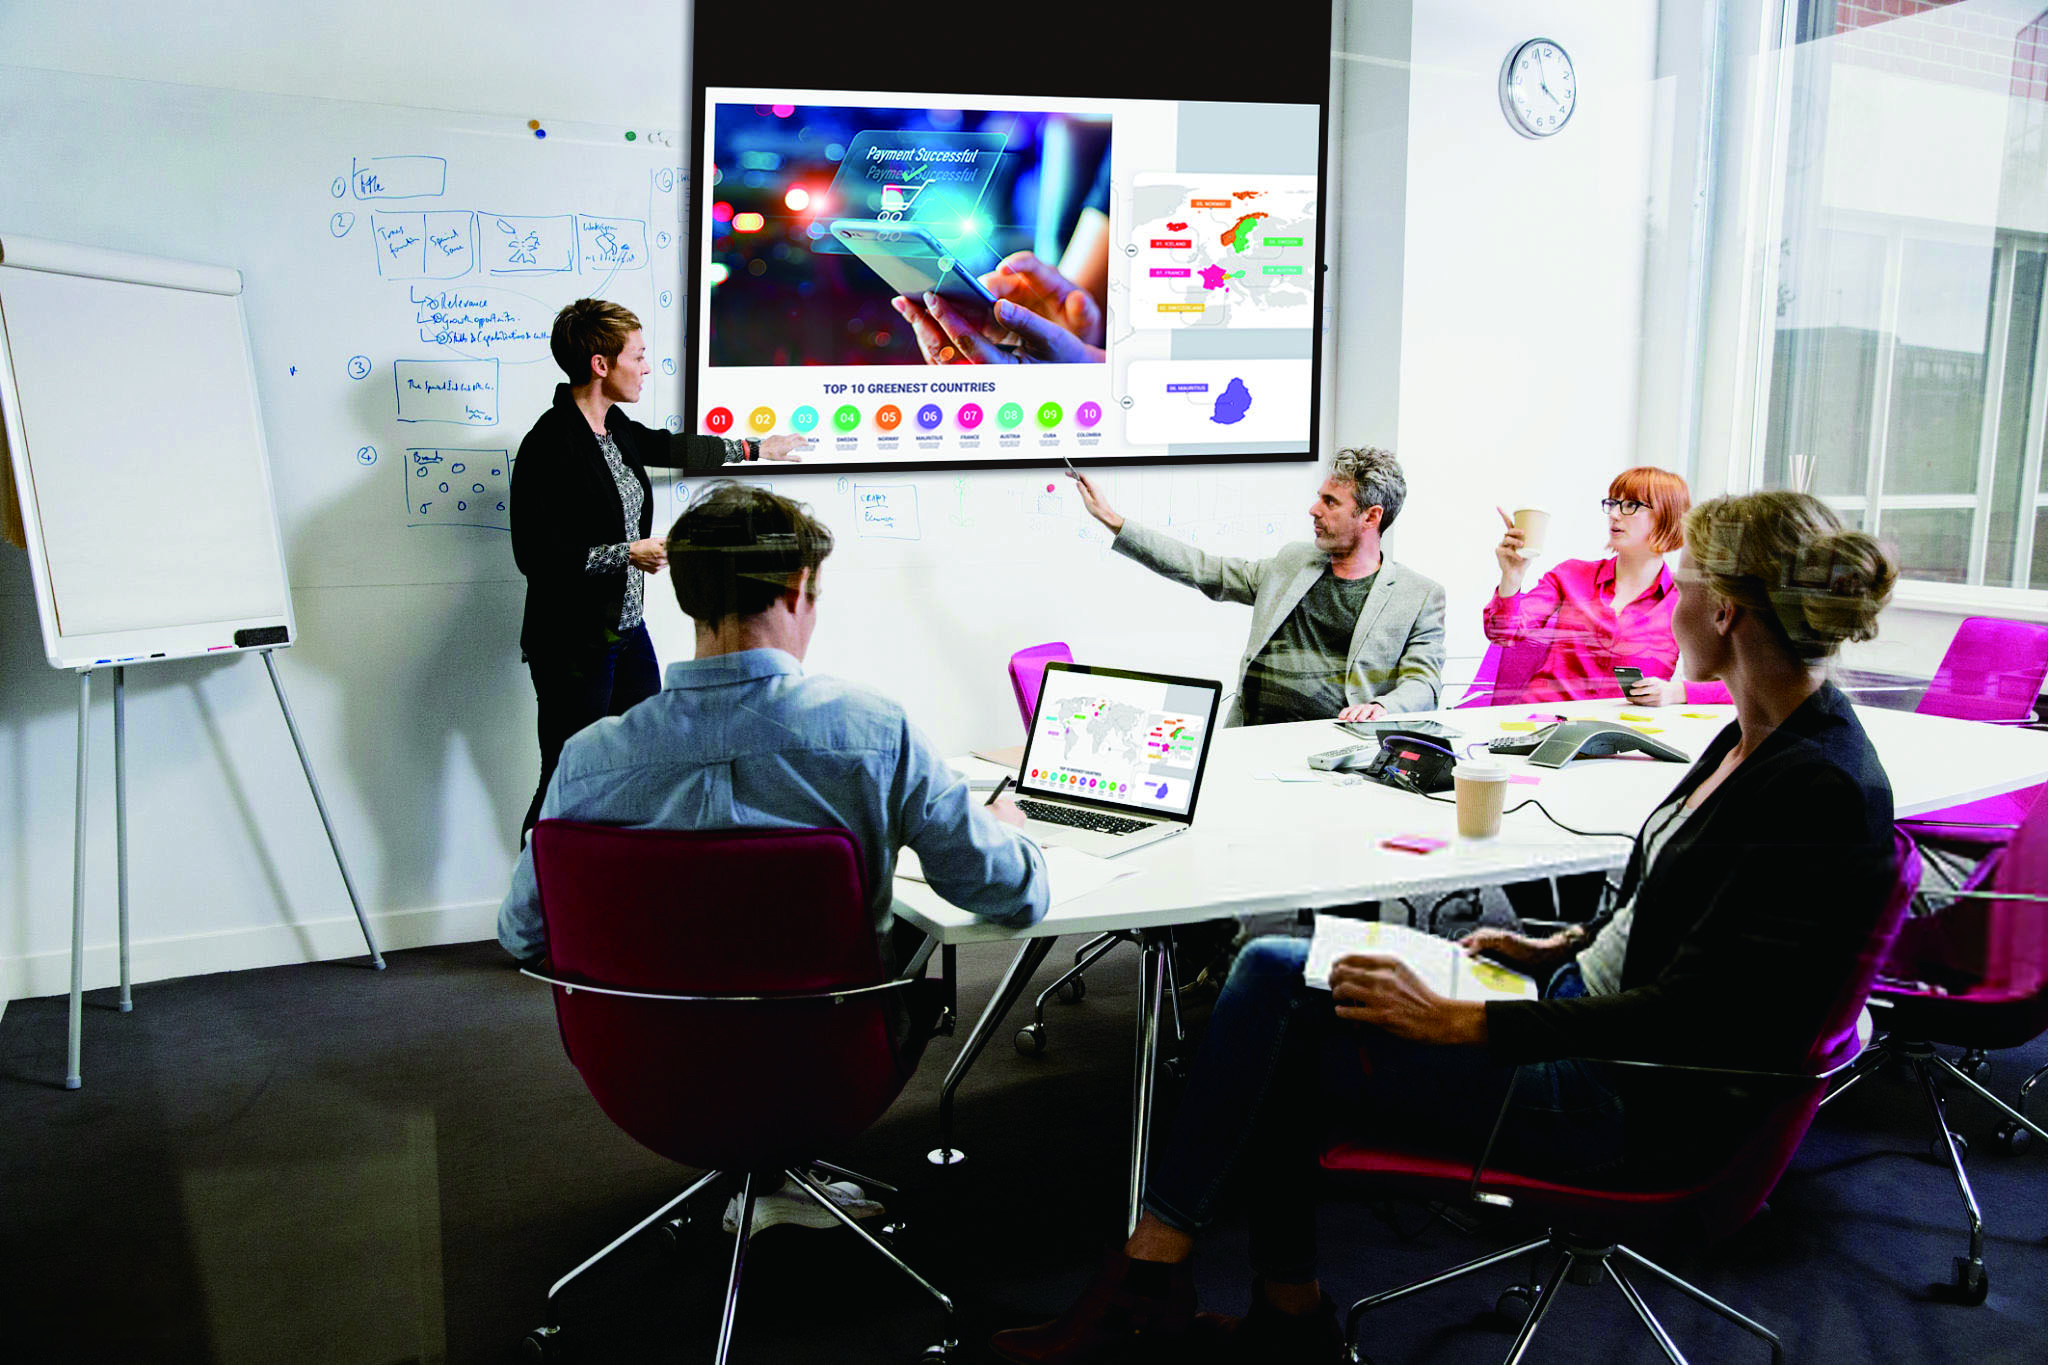 Panasonic ulepsza technologię odwzorowania kolorów, wzbogacając swoję ofertę o projektory RGB LED